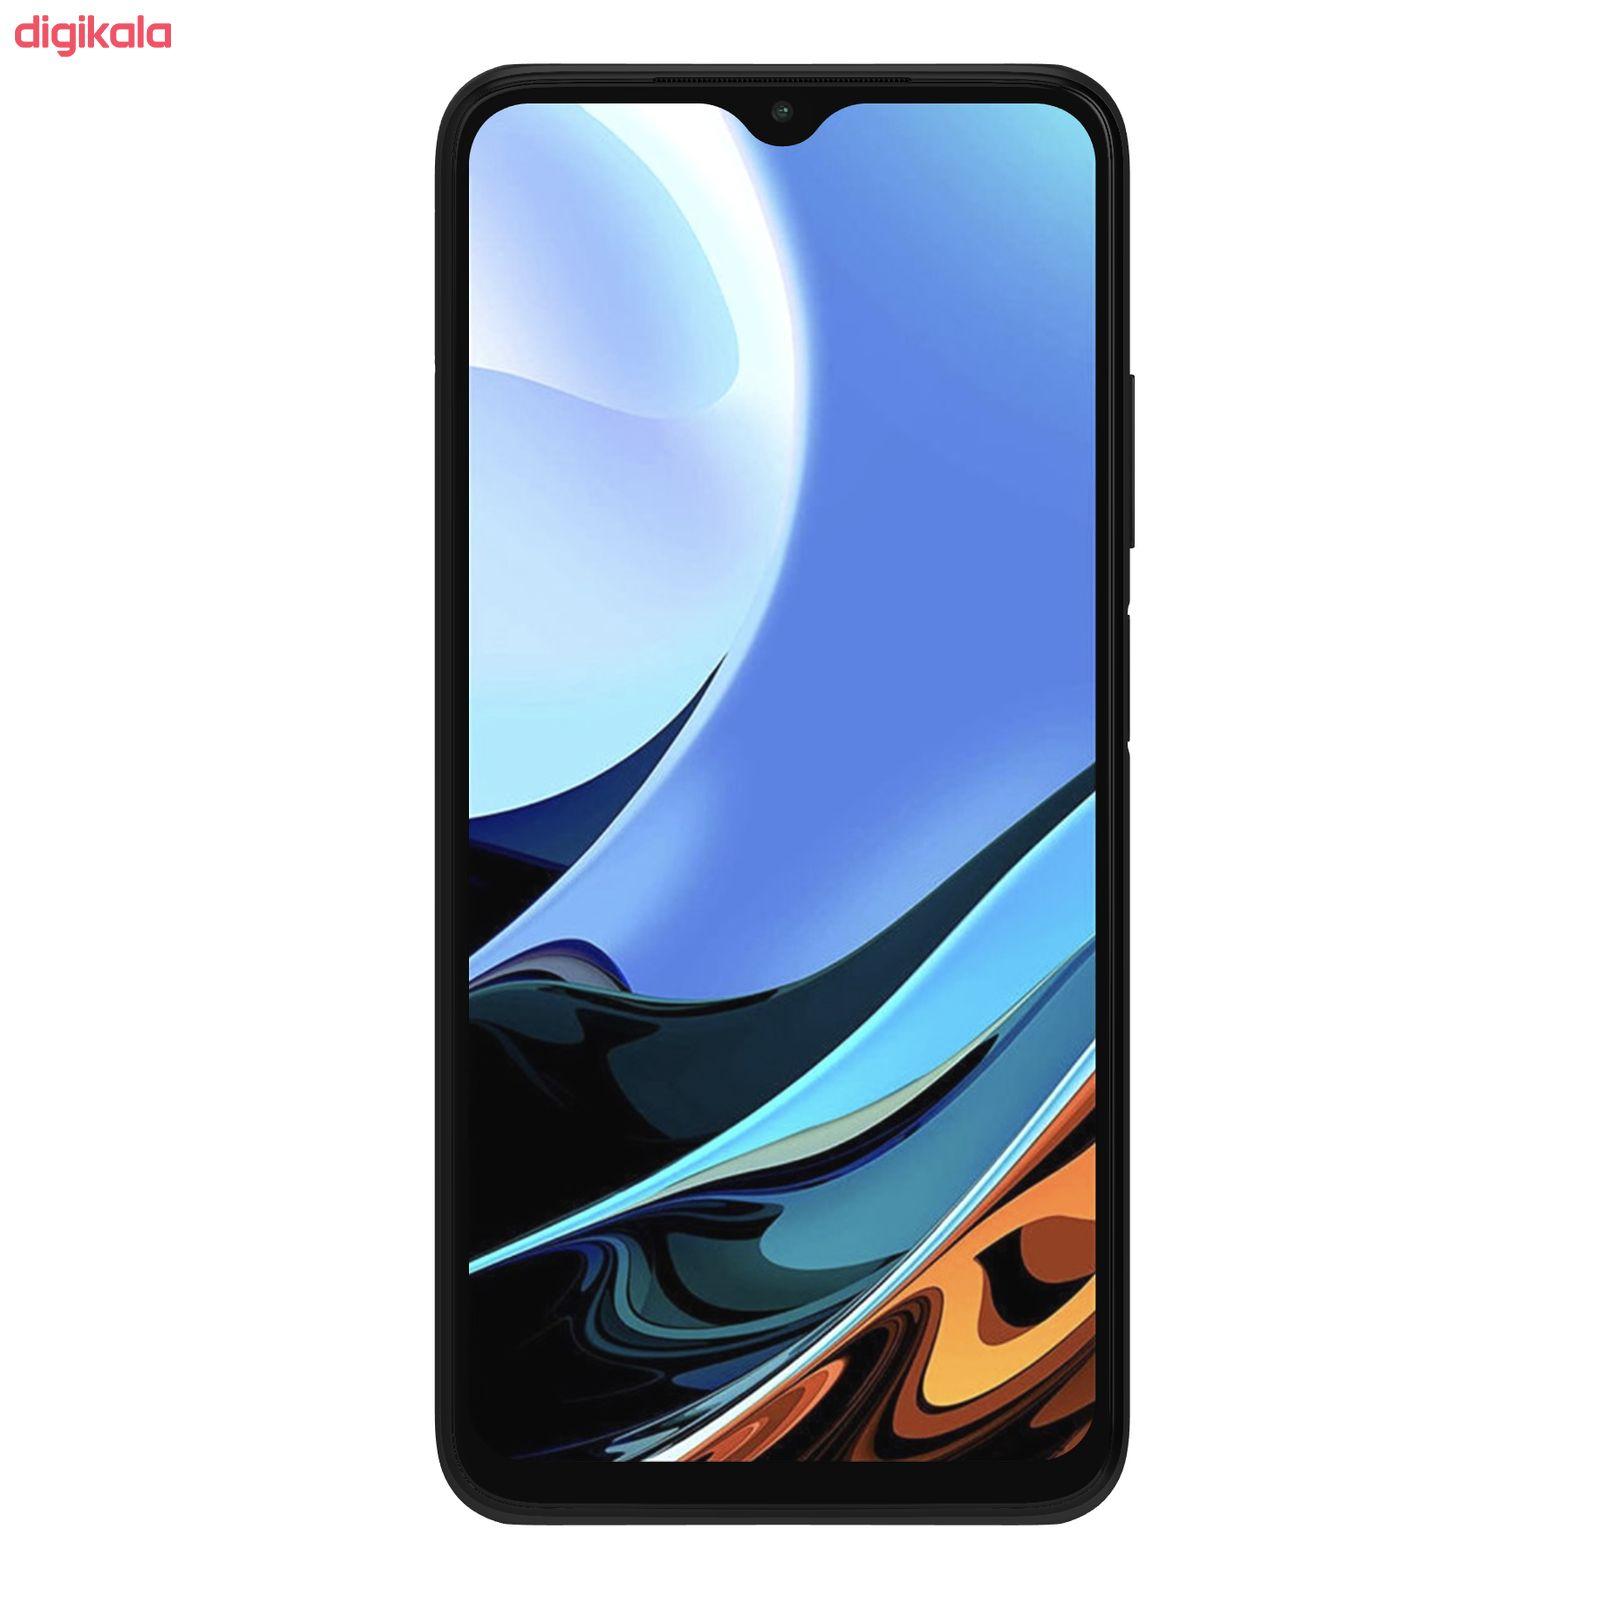 گوشی موبایل شیائومی مدل redmi 9T M2010J19SG ظرفیت 64 گیگابایت و رم 4 گیگابایت main 1 1